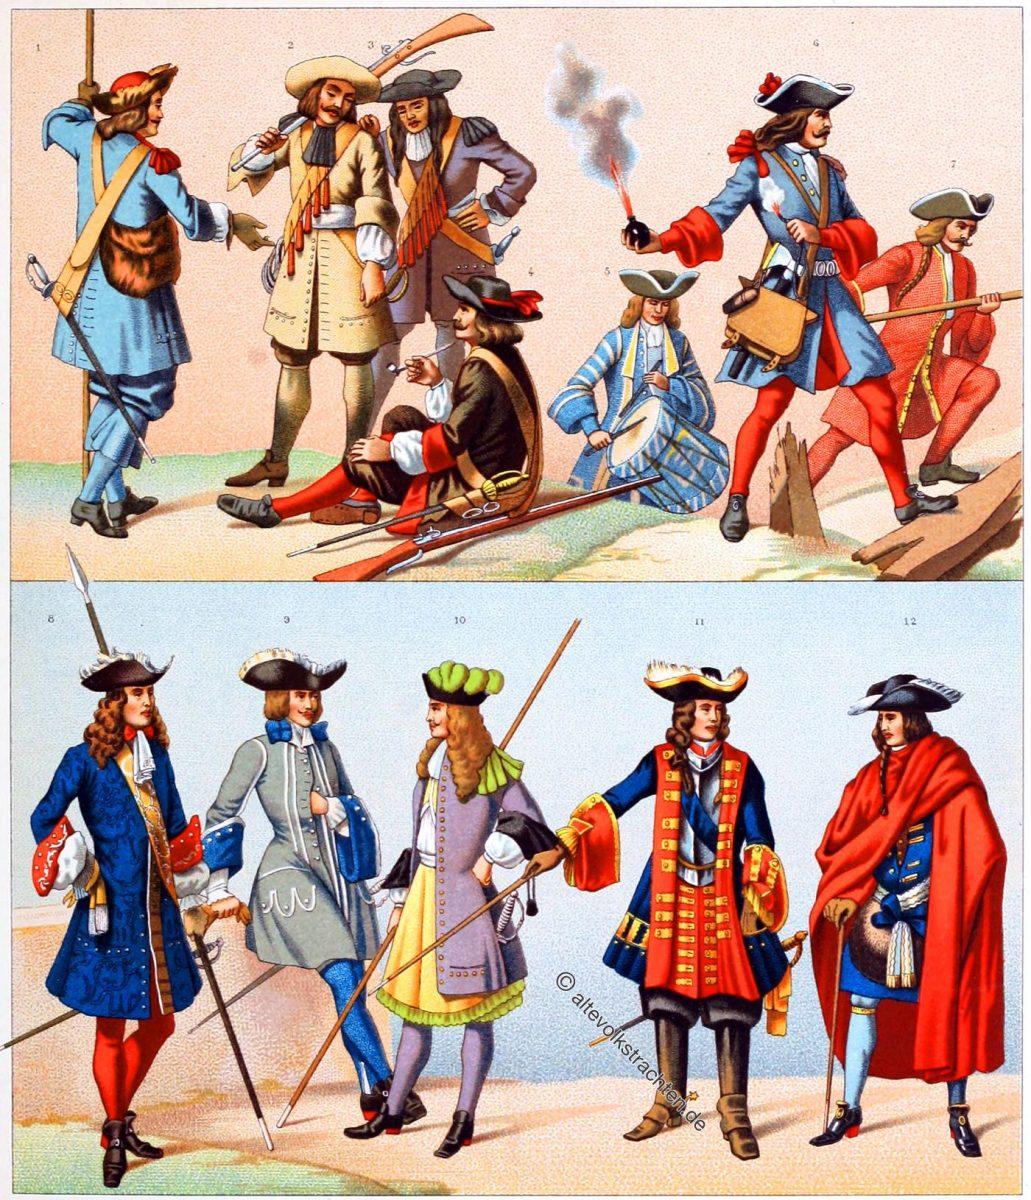 Frankreich unter Louis XIV. Musketiere. Uniformen der Infanterie 1660 - 1690. Soldaten des Barock im 17. Jh.